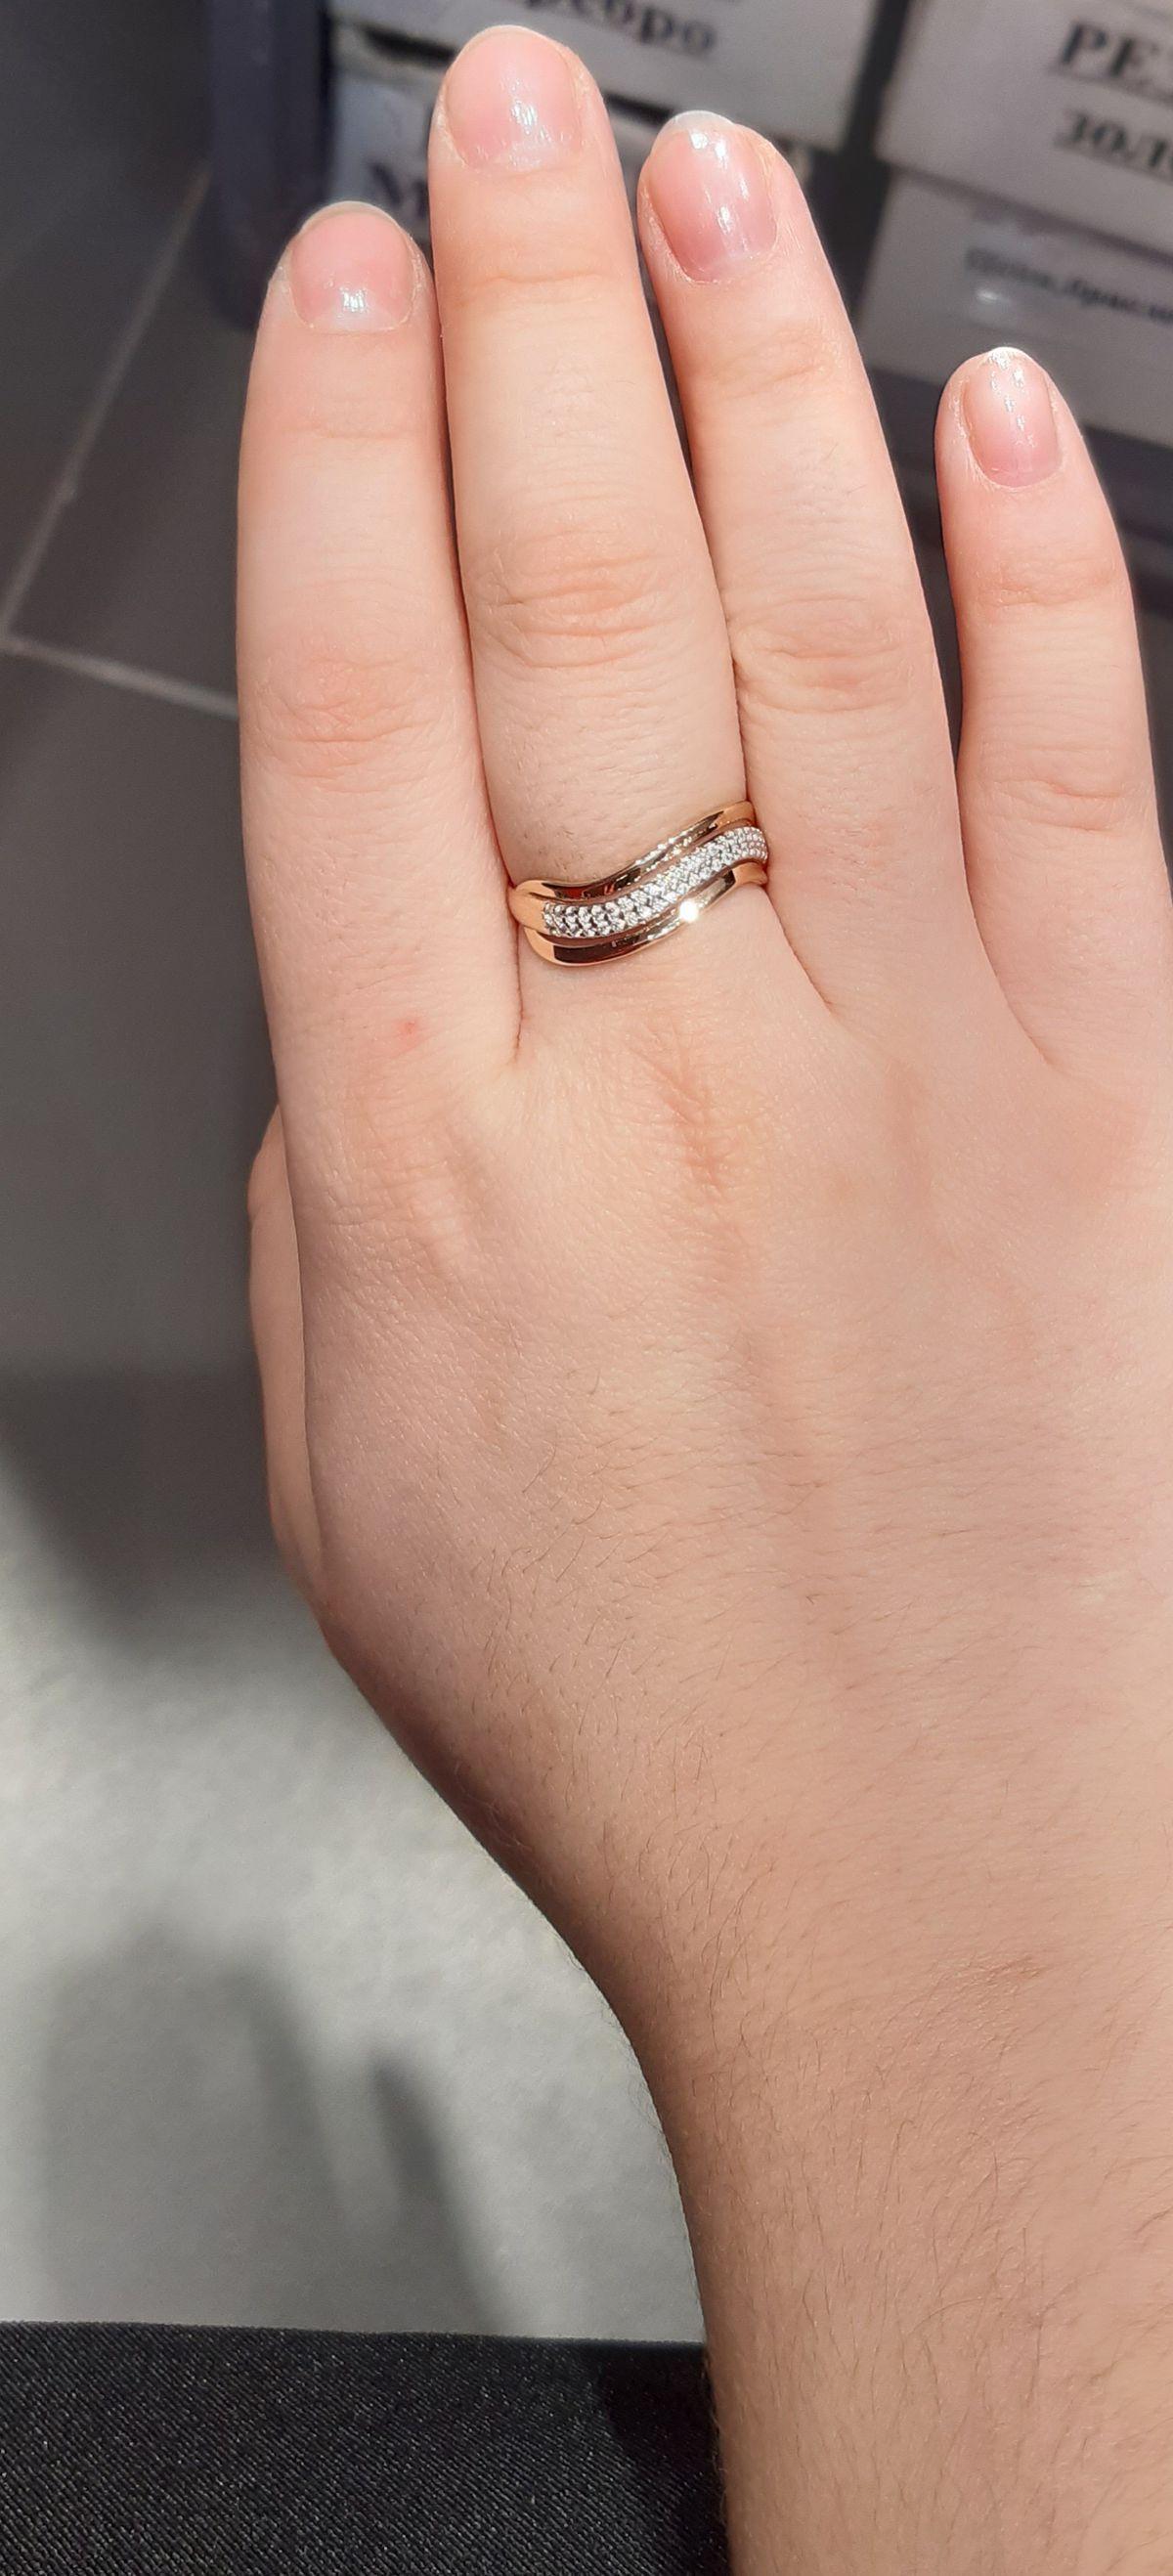 Решила заказать кольцо онлайн, ни о чем не жалею